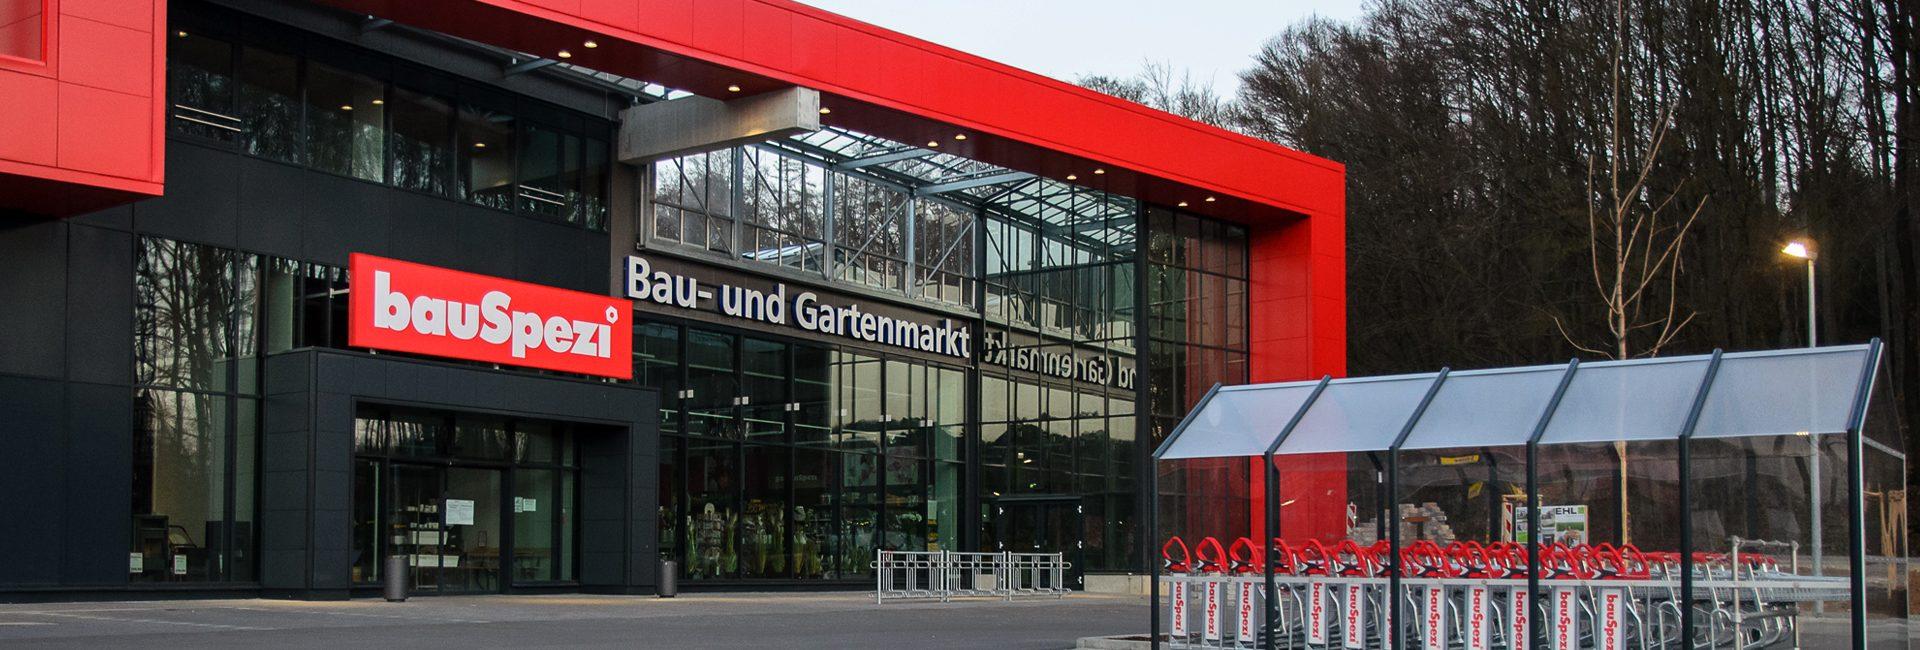 Der bauSpezi Baumarkt und Heimwerkermarkt in Parsberg